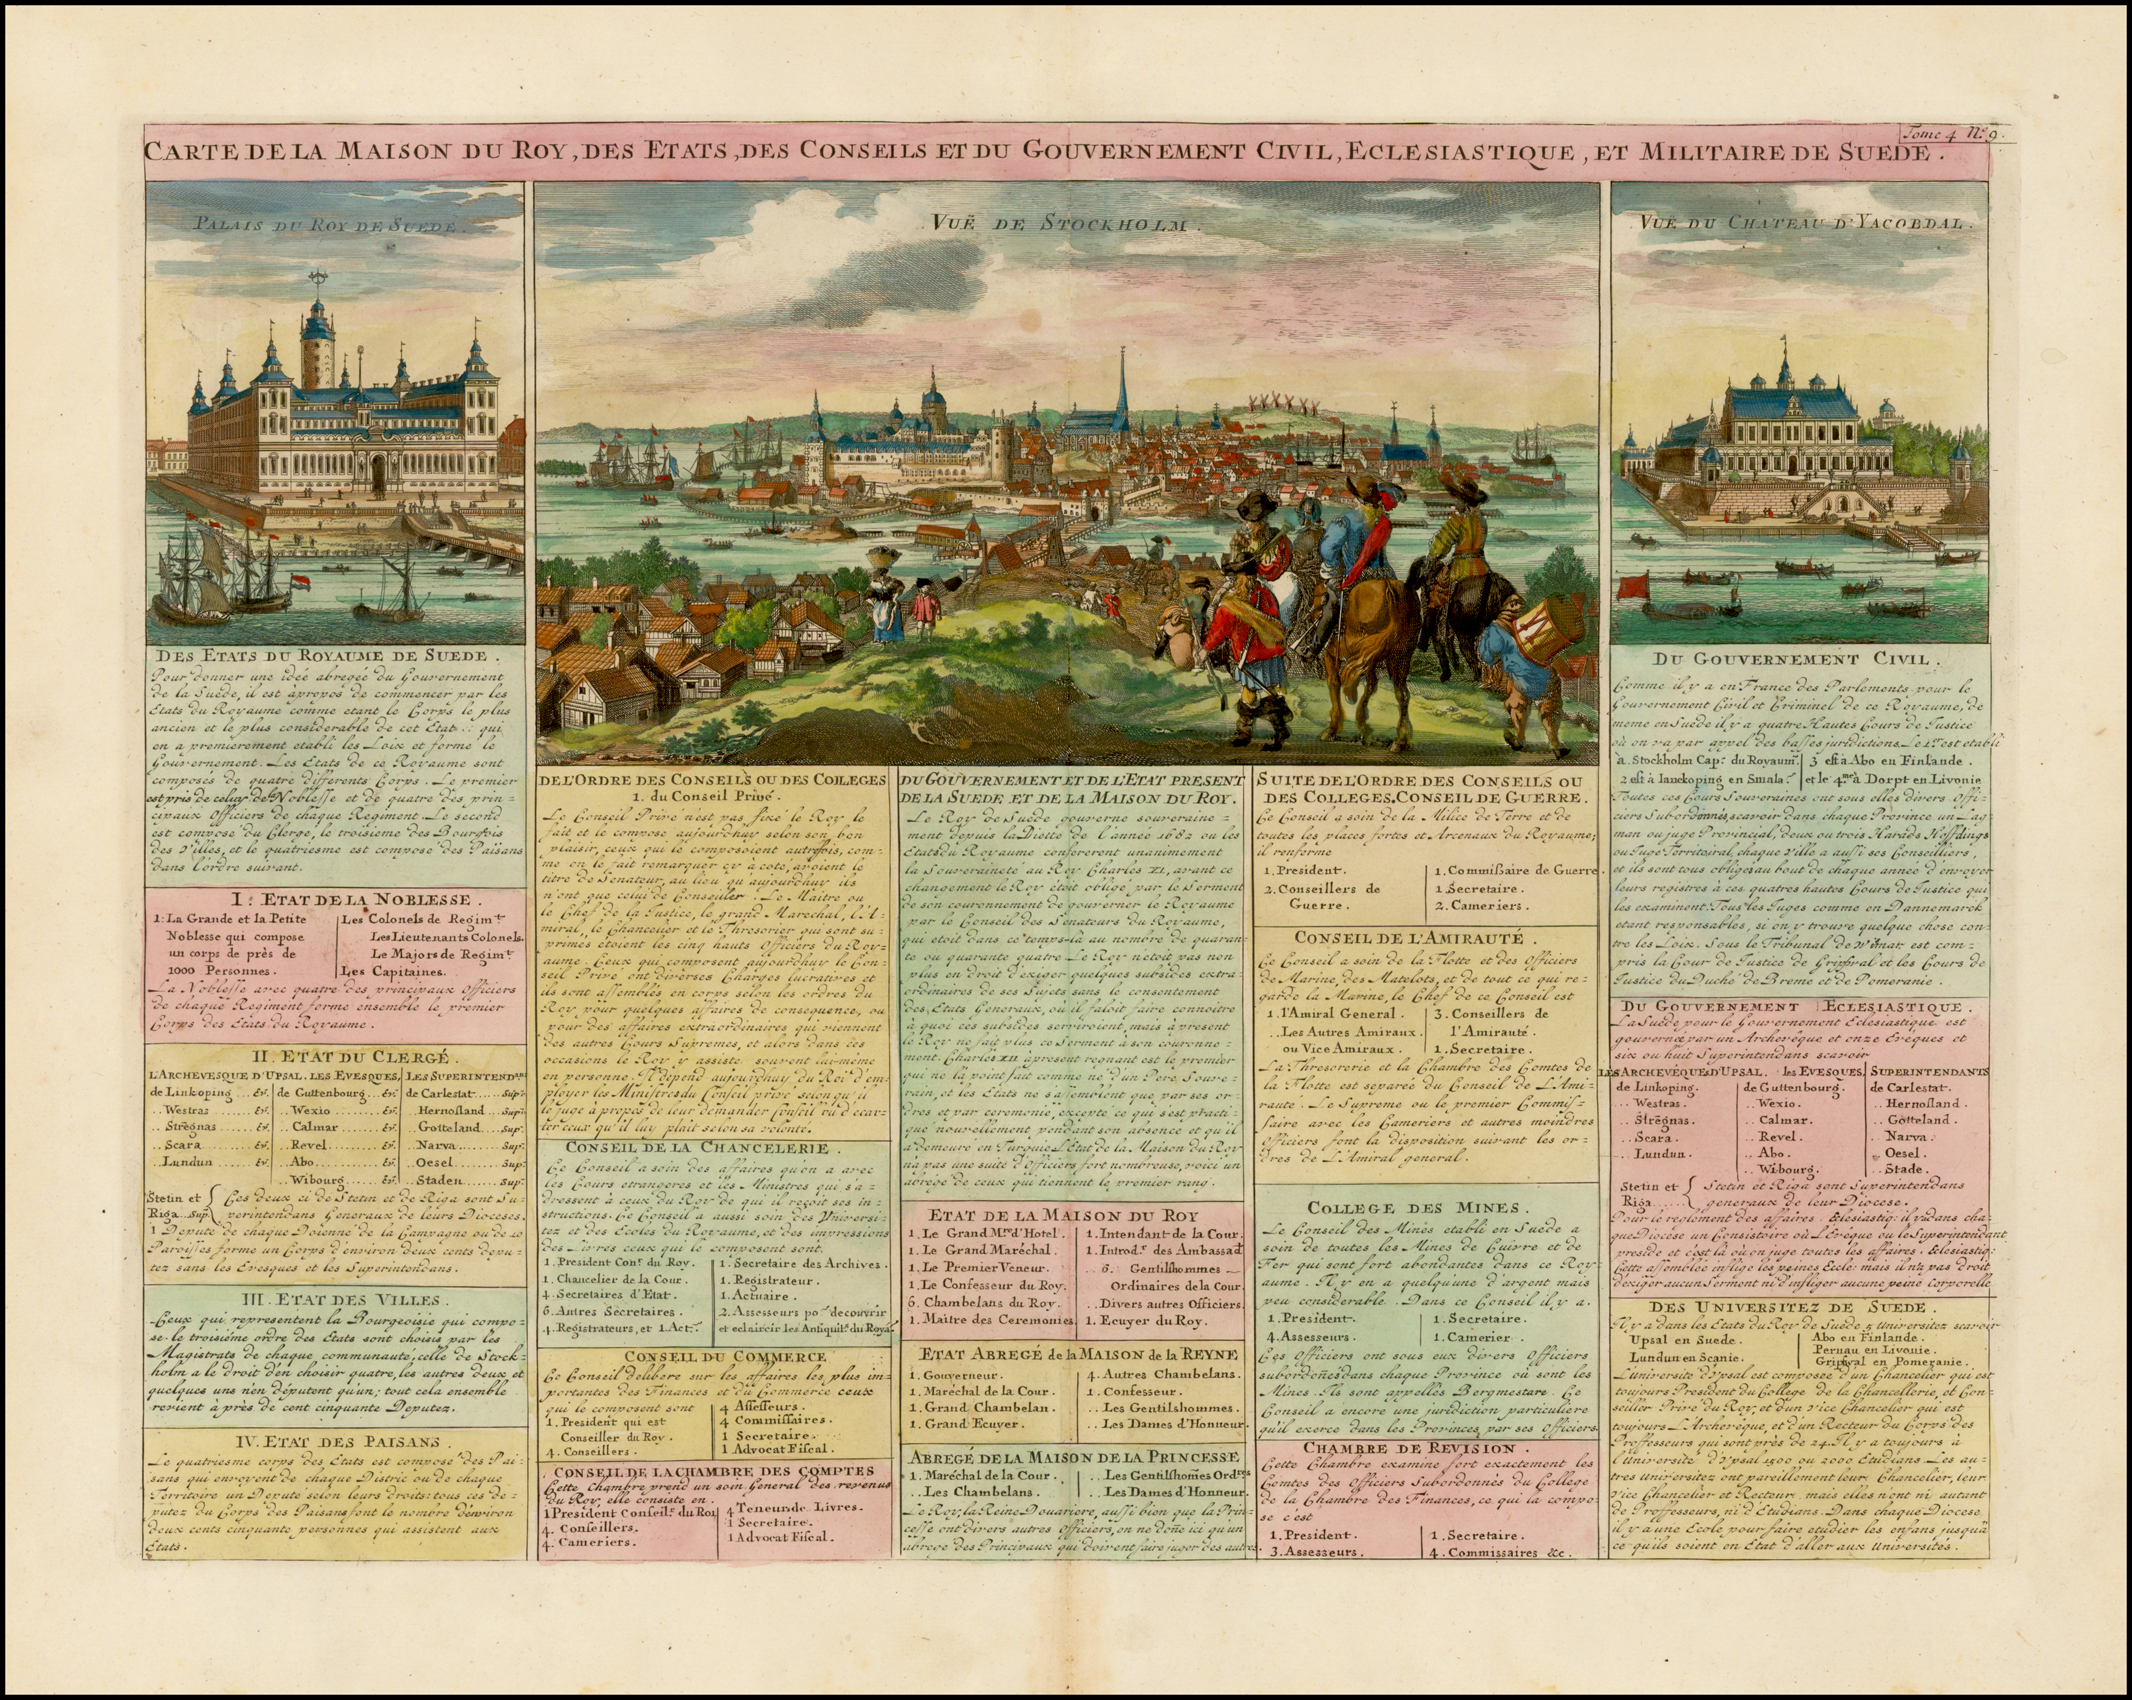 La Maison De La Suede vue de stockholm / palais du roy du suede / vue du chateau d